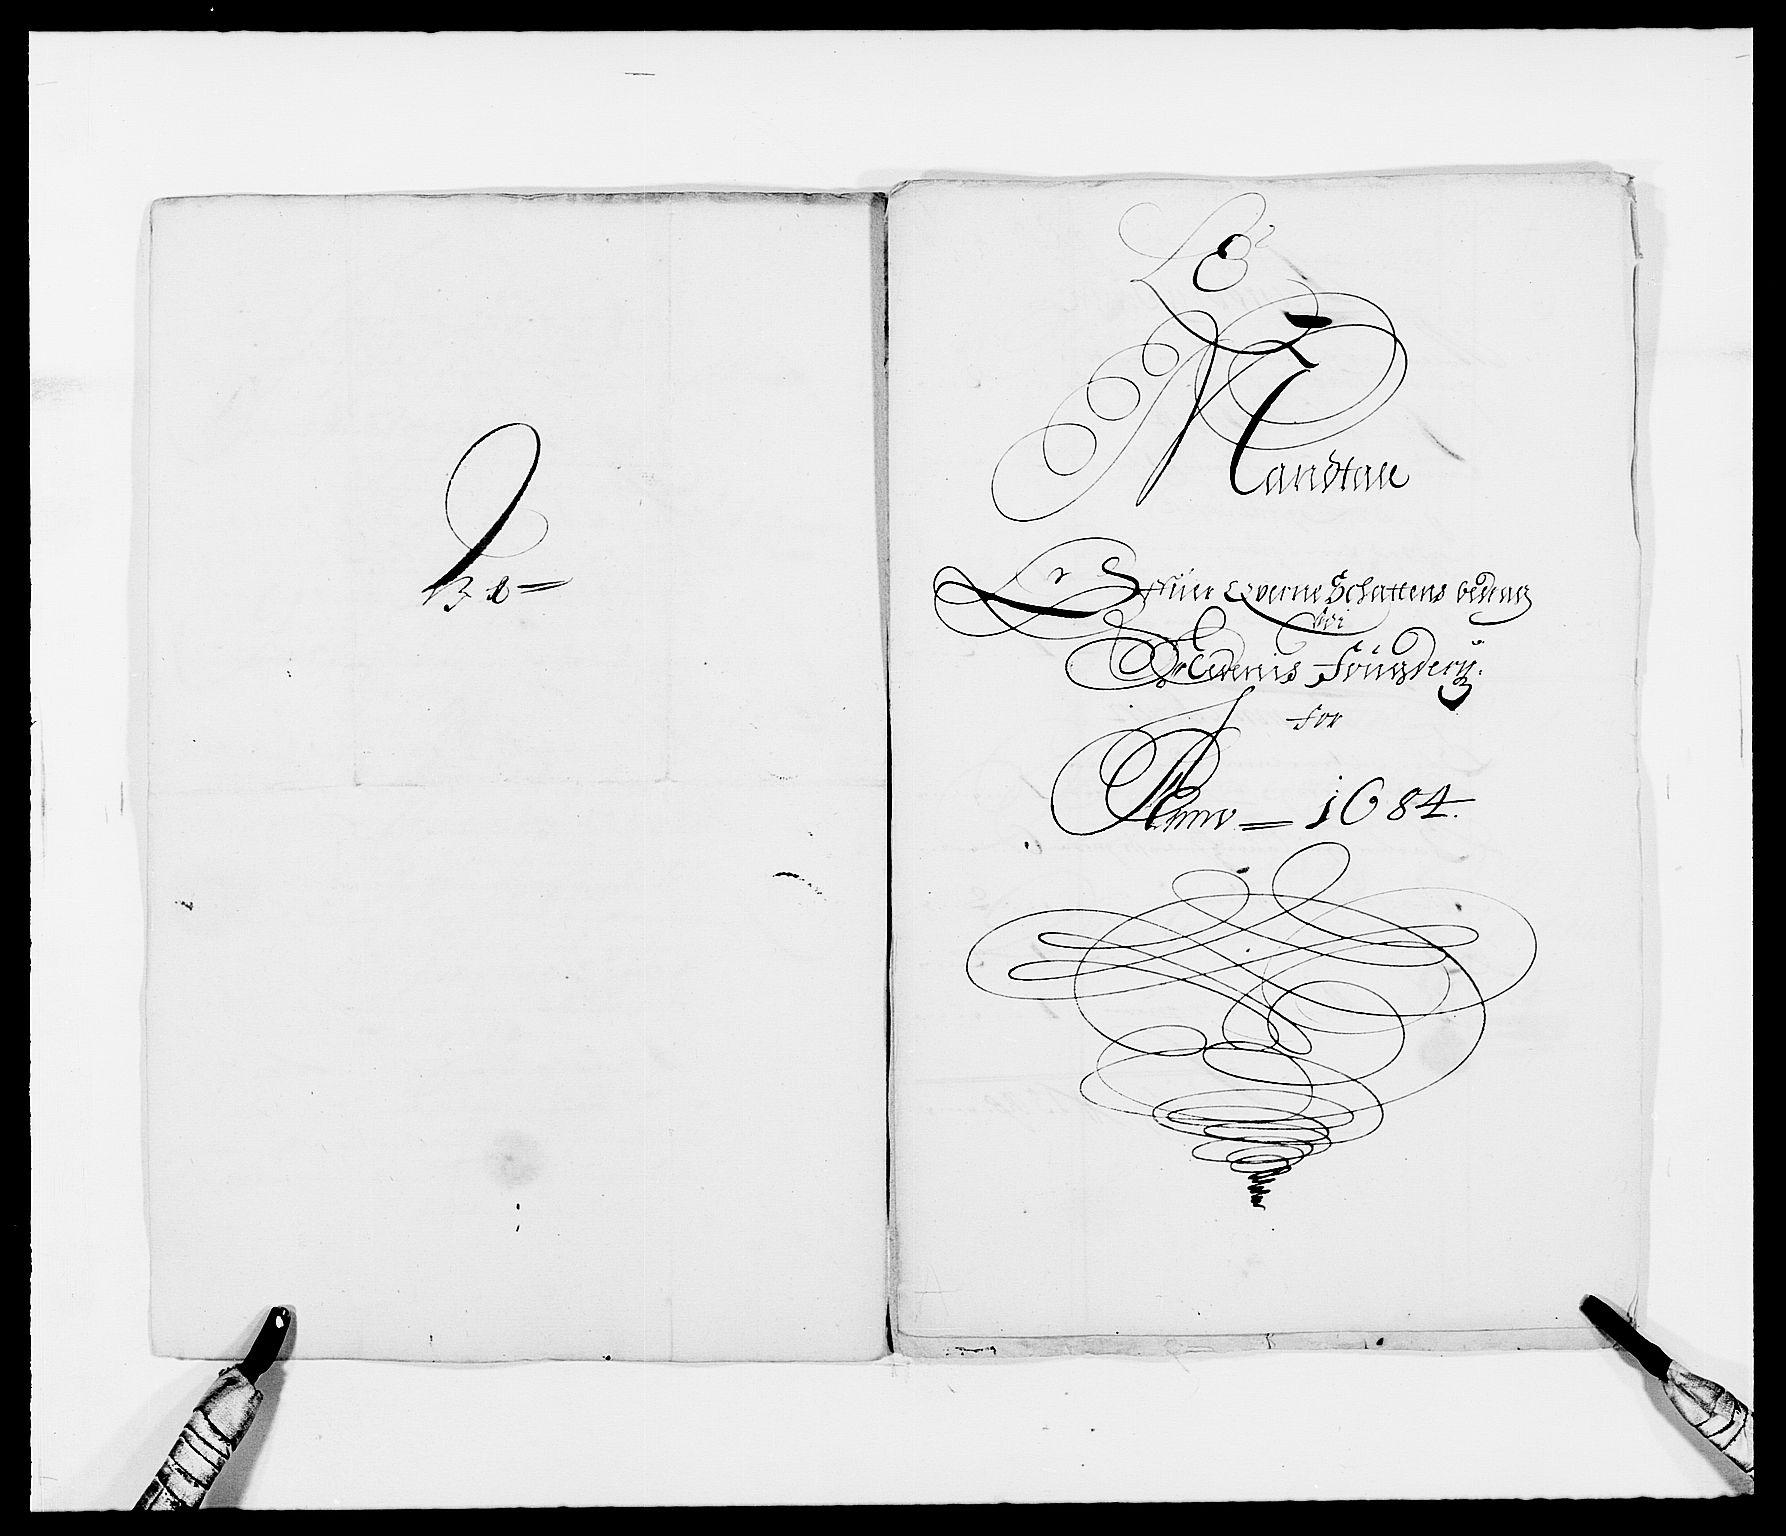 RA, Rentekammeret inntil 1814, Reviderte regnskaper, Fogderegnskap, R39/L2308: Fogderegnskap Nedenes, 1684-1689, s. 60